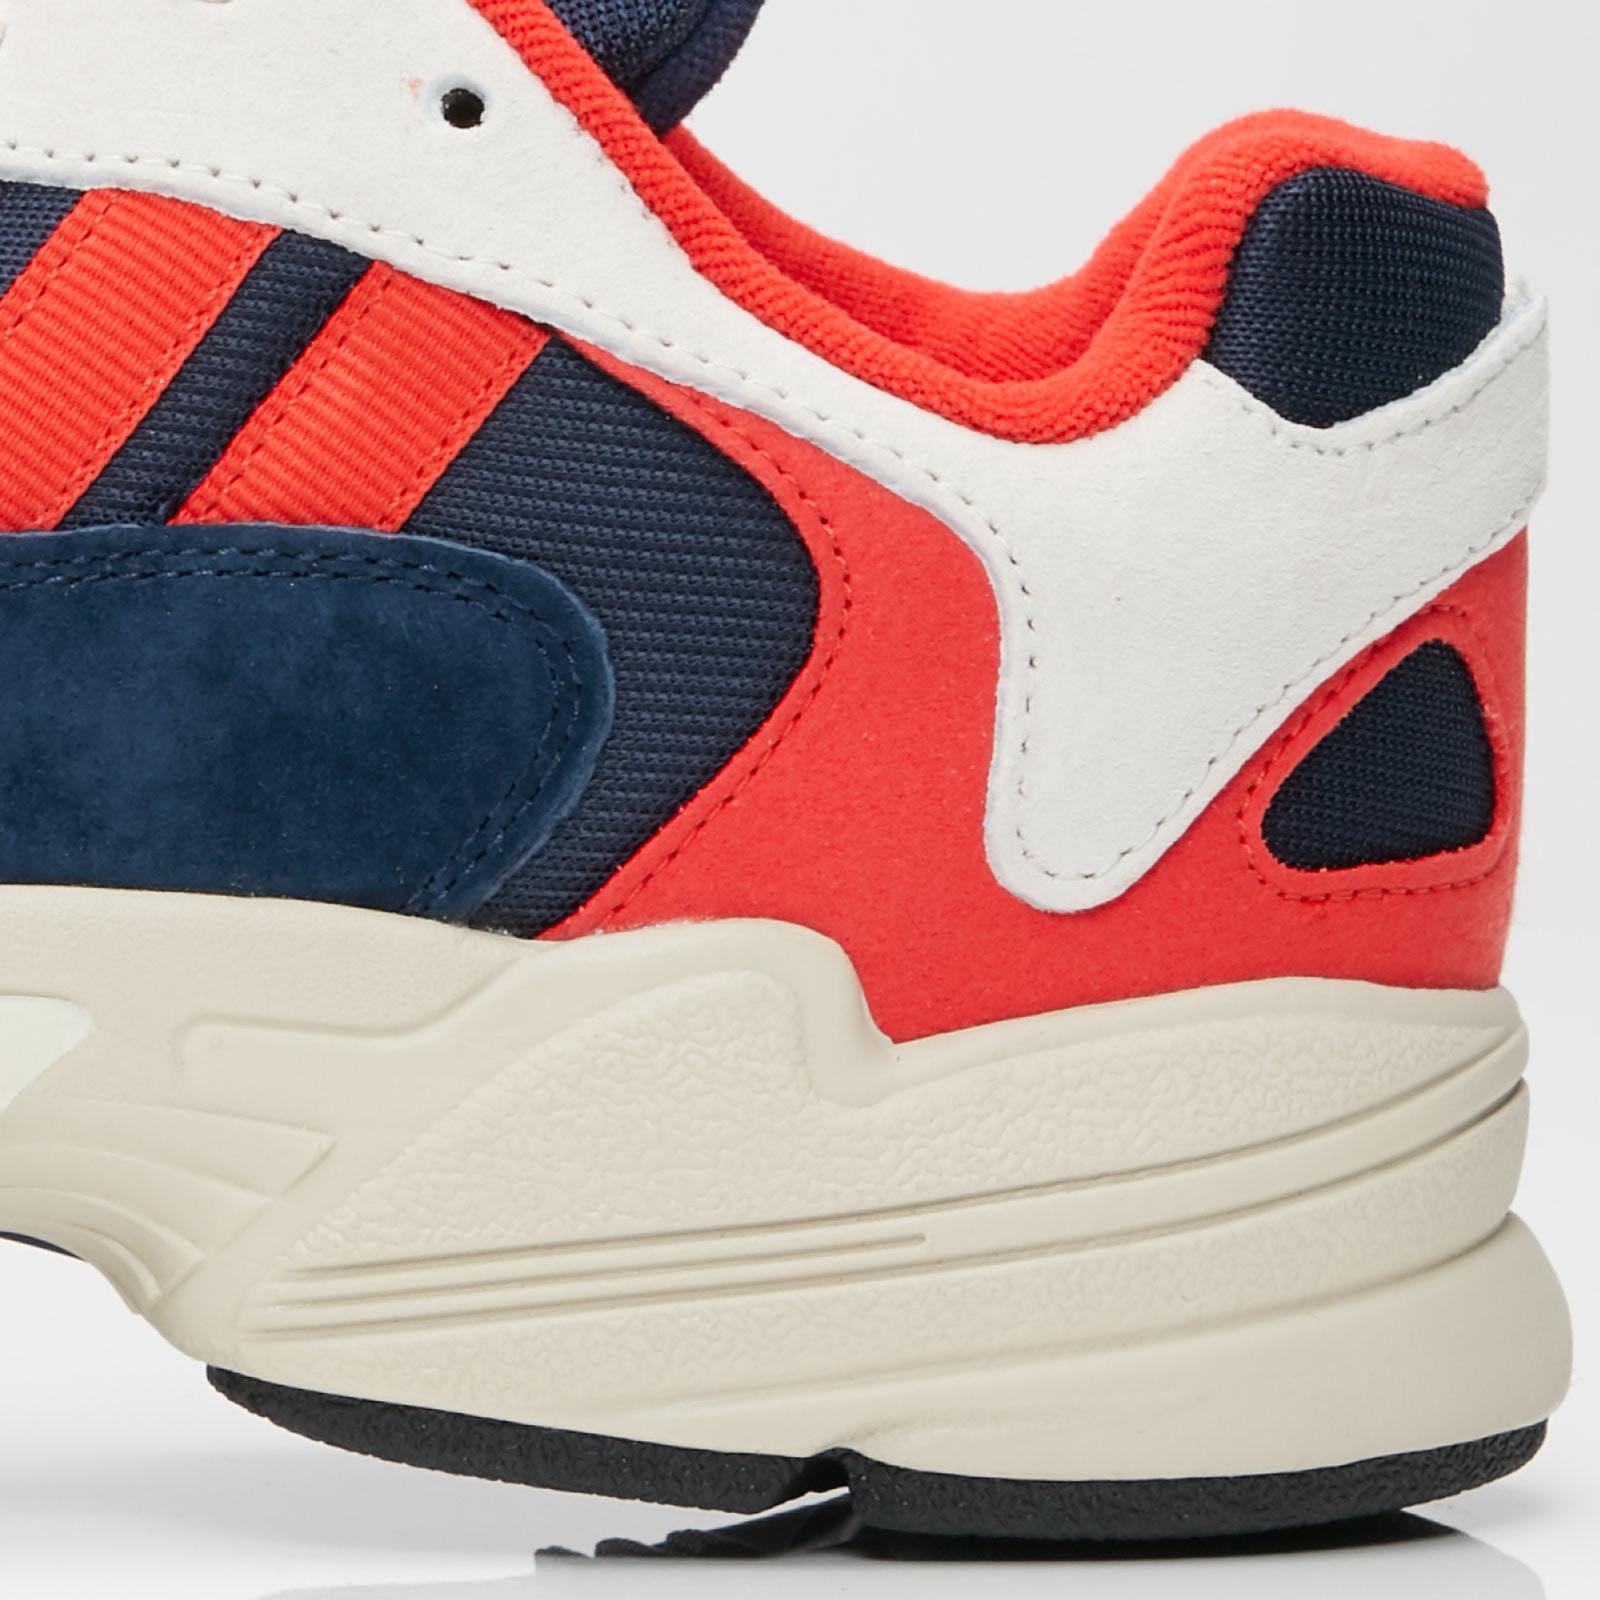 Adidas Yung 1 B37615 Sneakersnstuff Sneakers Streetwear